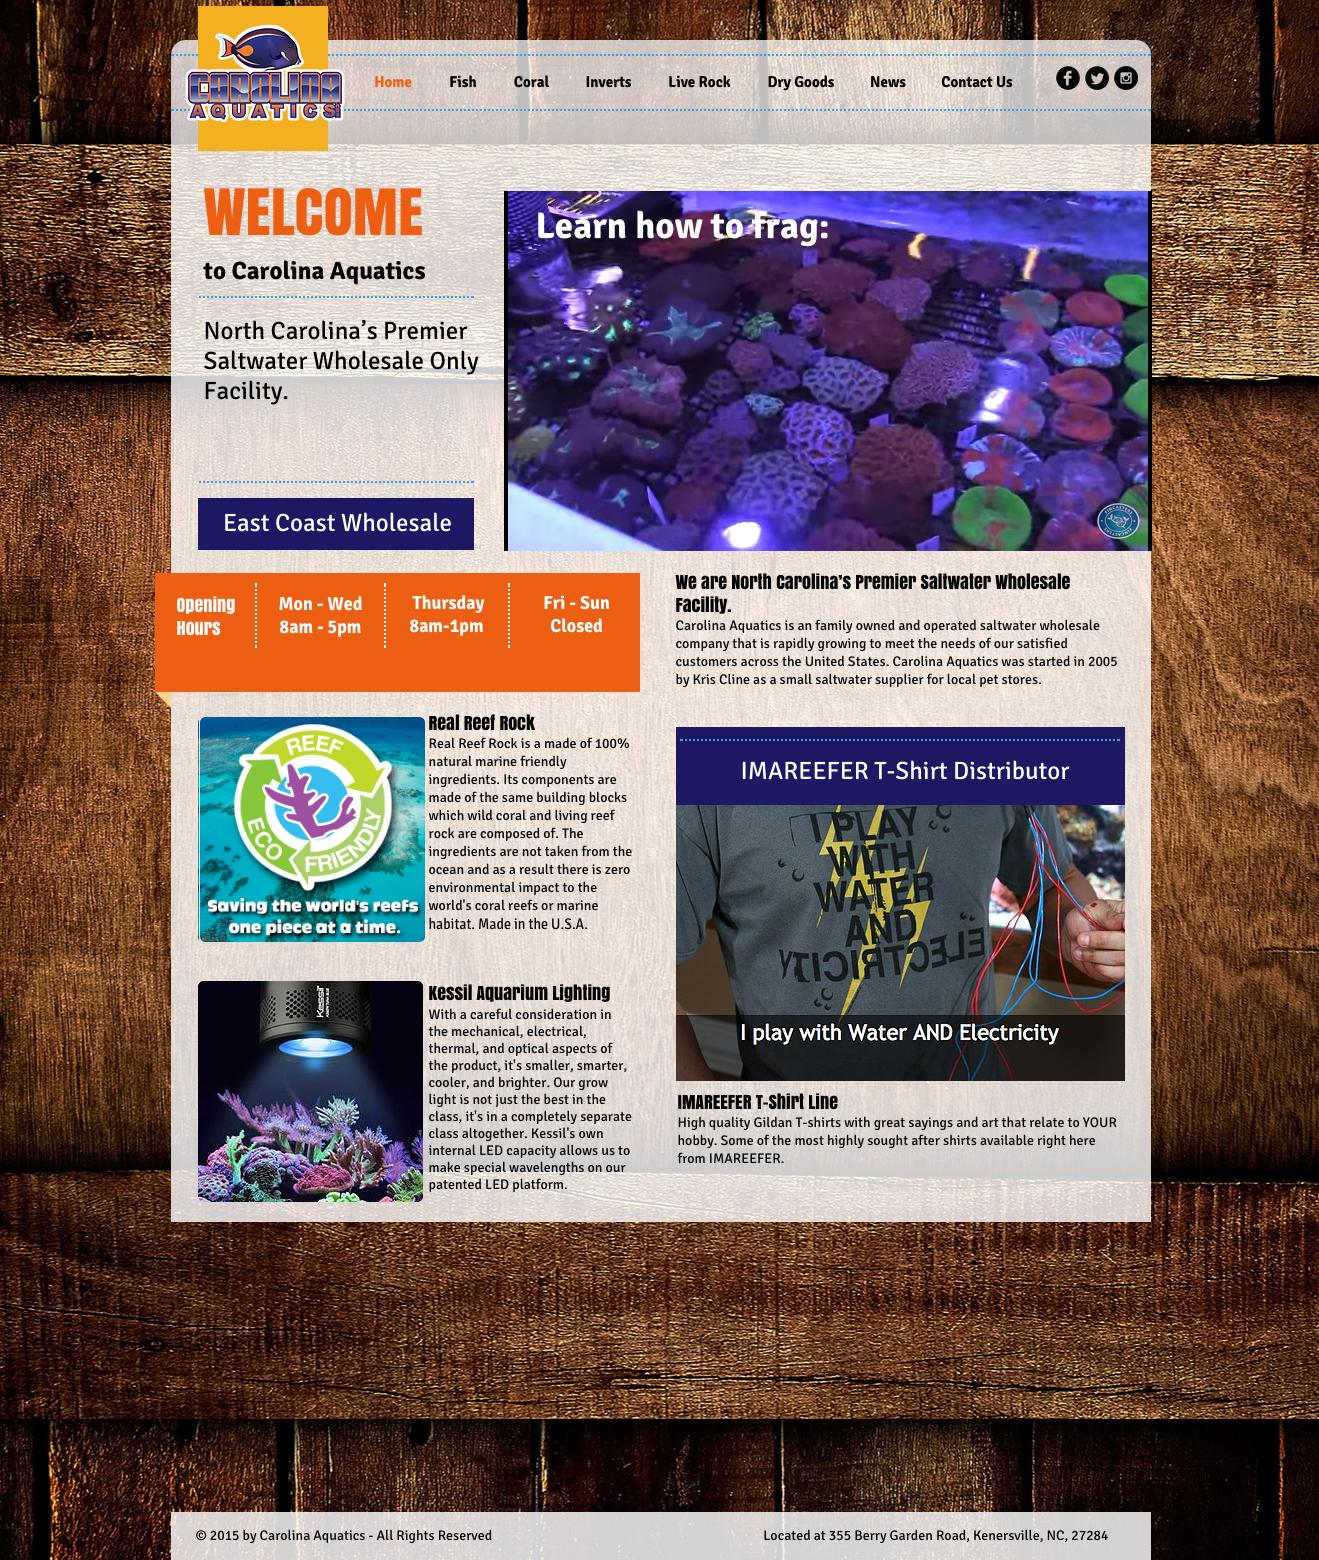 Carolina Aquatics Website